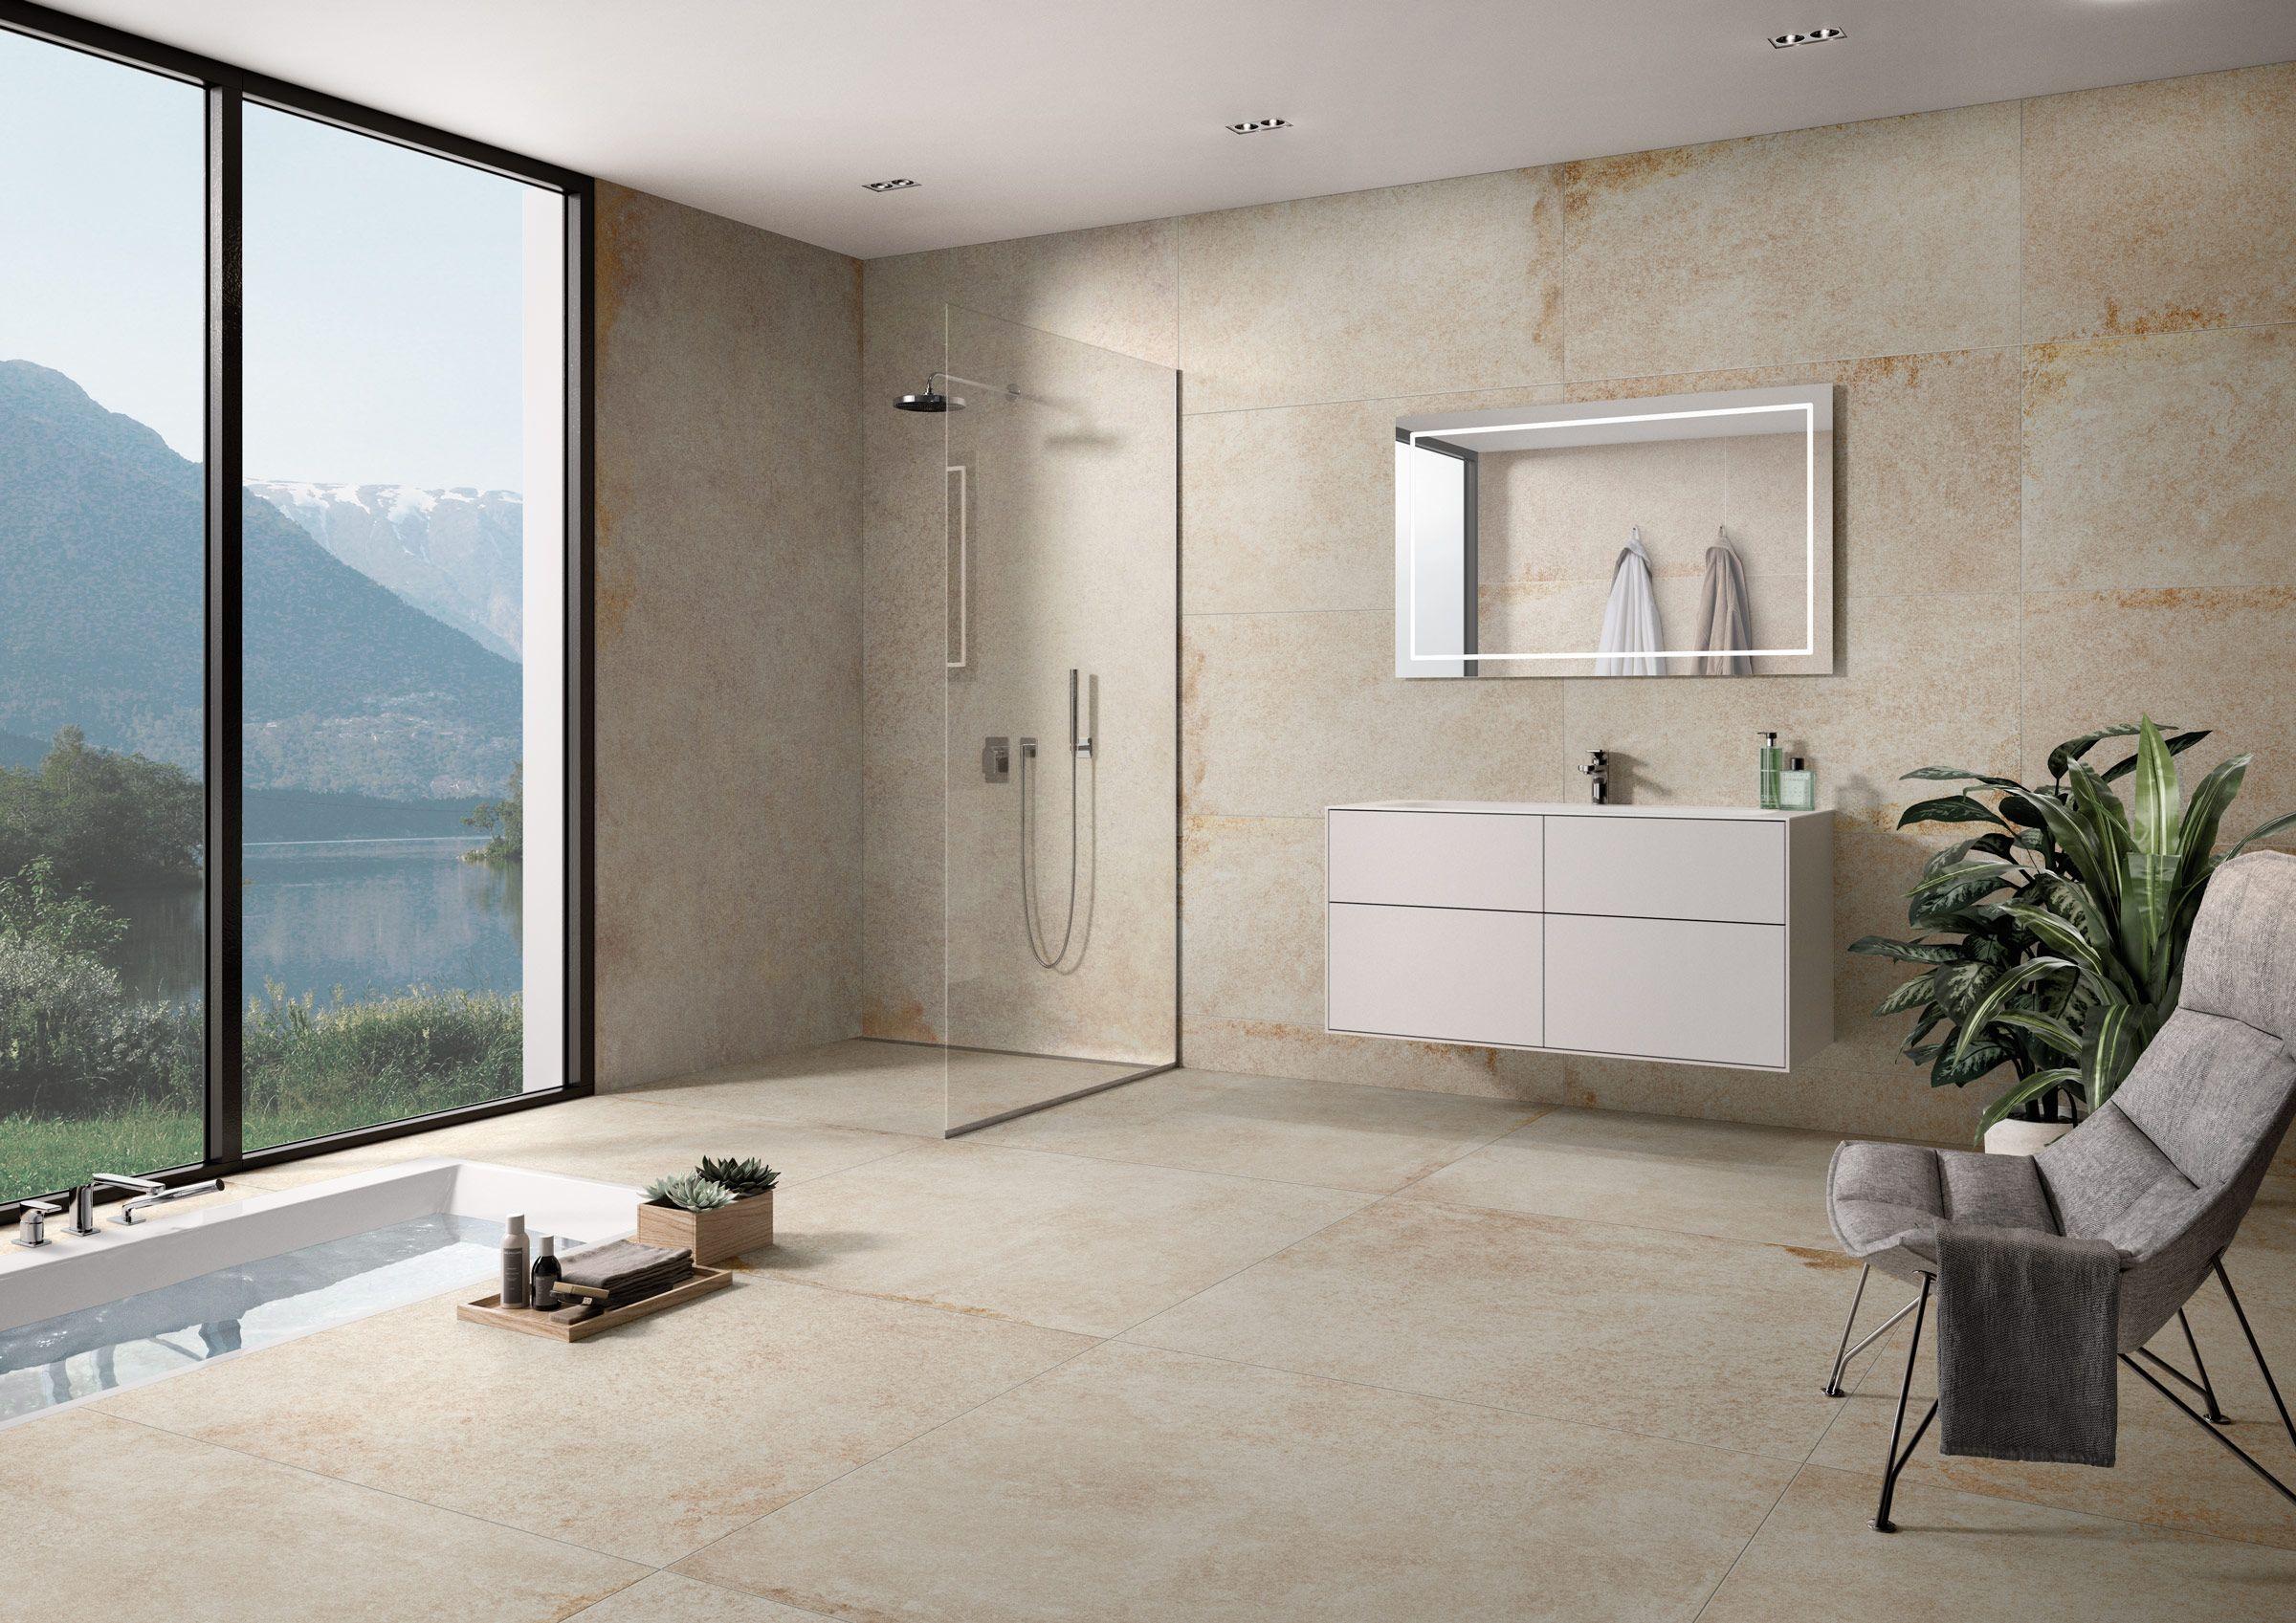 Badezimmer Idee Badezimmer Badezimmerboden Wohnen